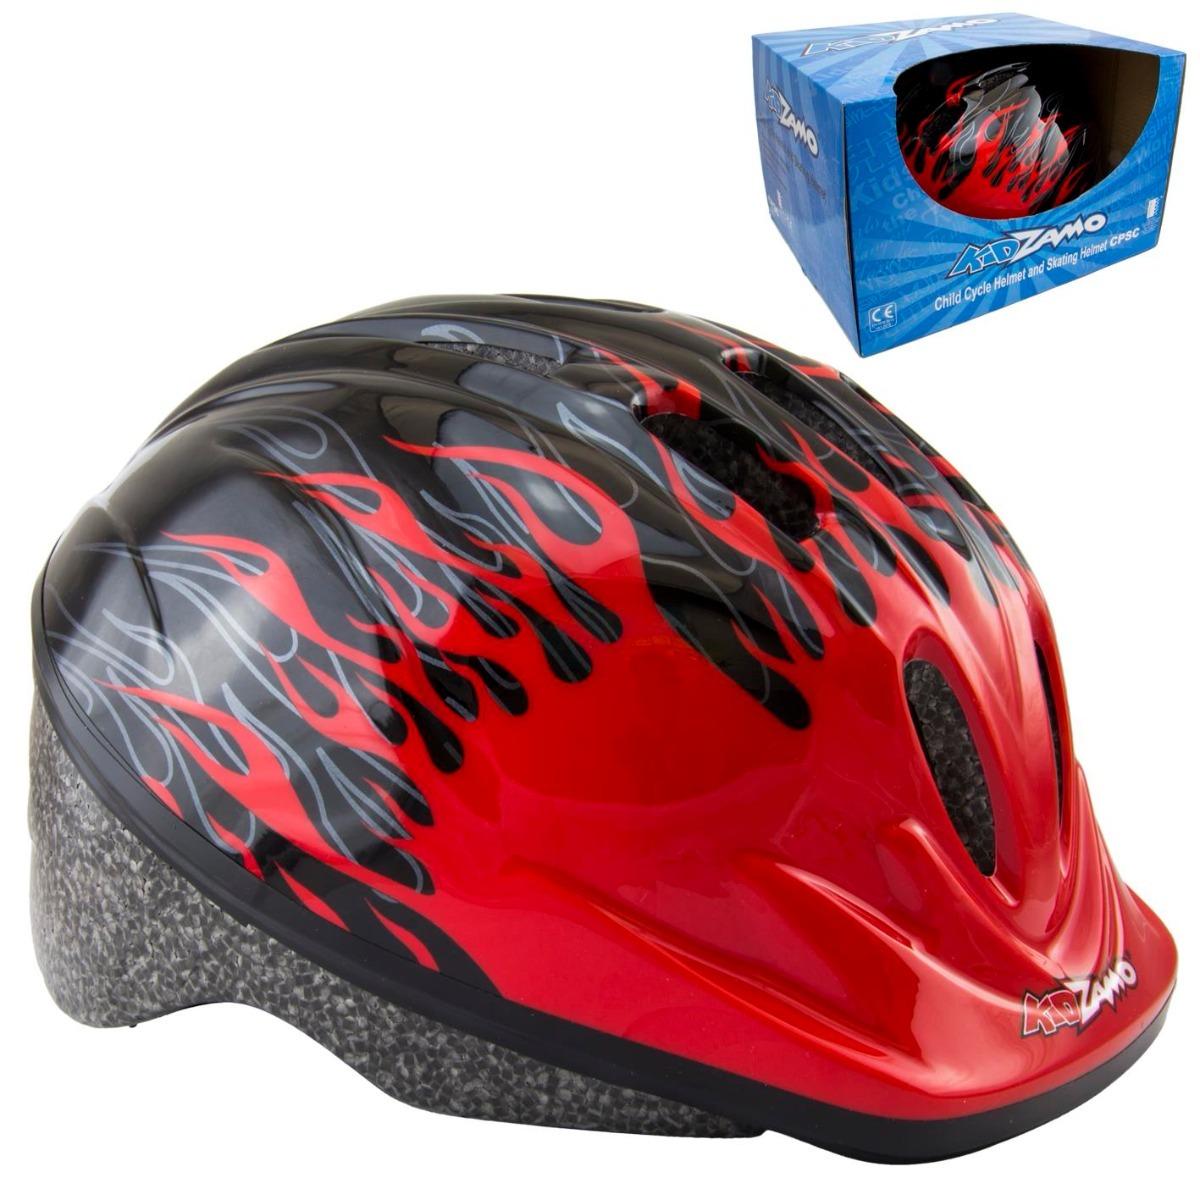 cbf83d70c capacete ciclismo infantil kz-008 chamas vermelho bike. Carregando zoom.